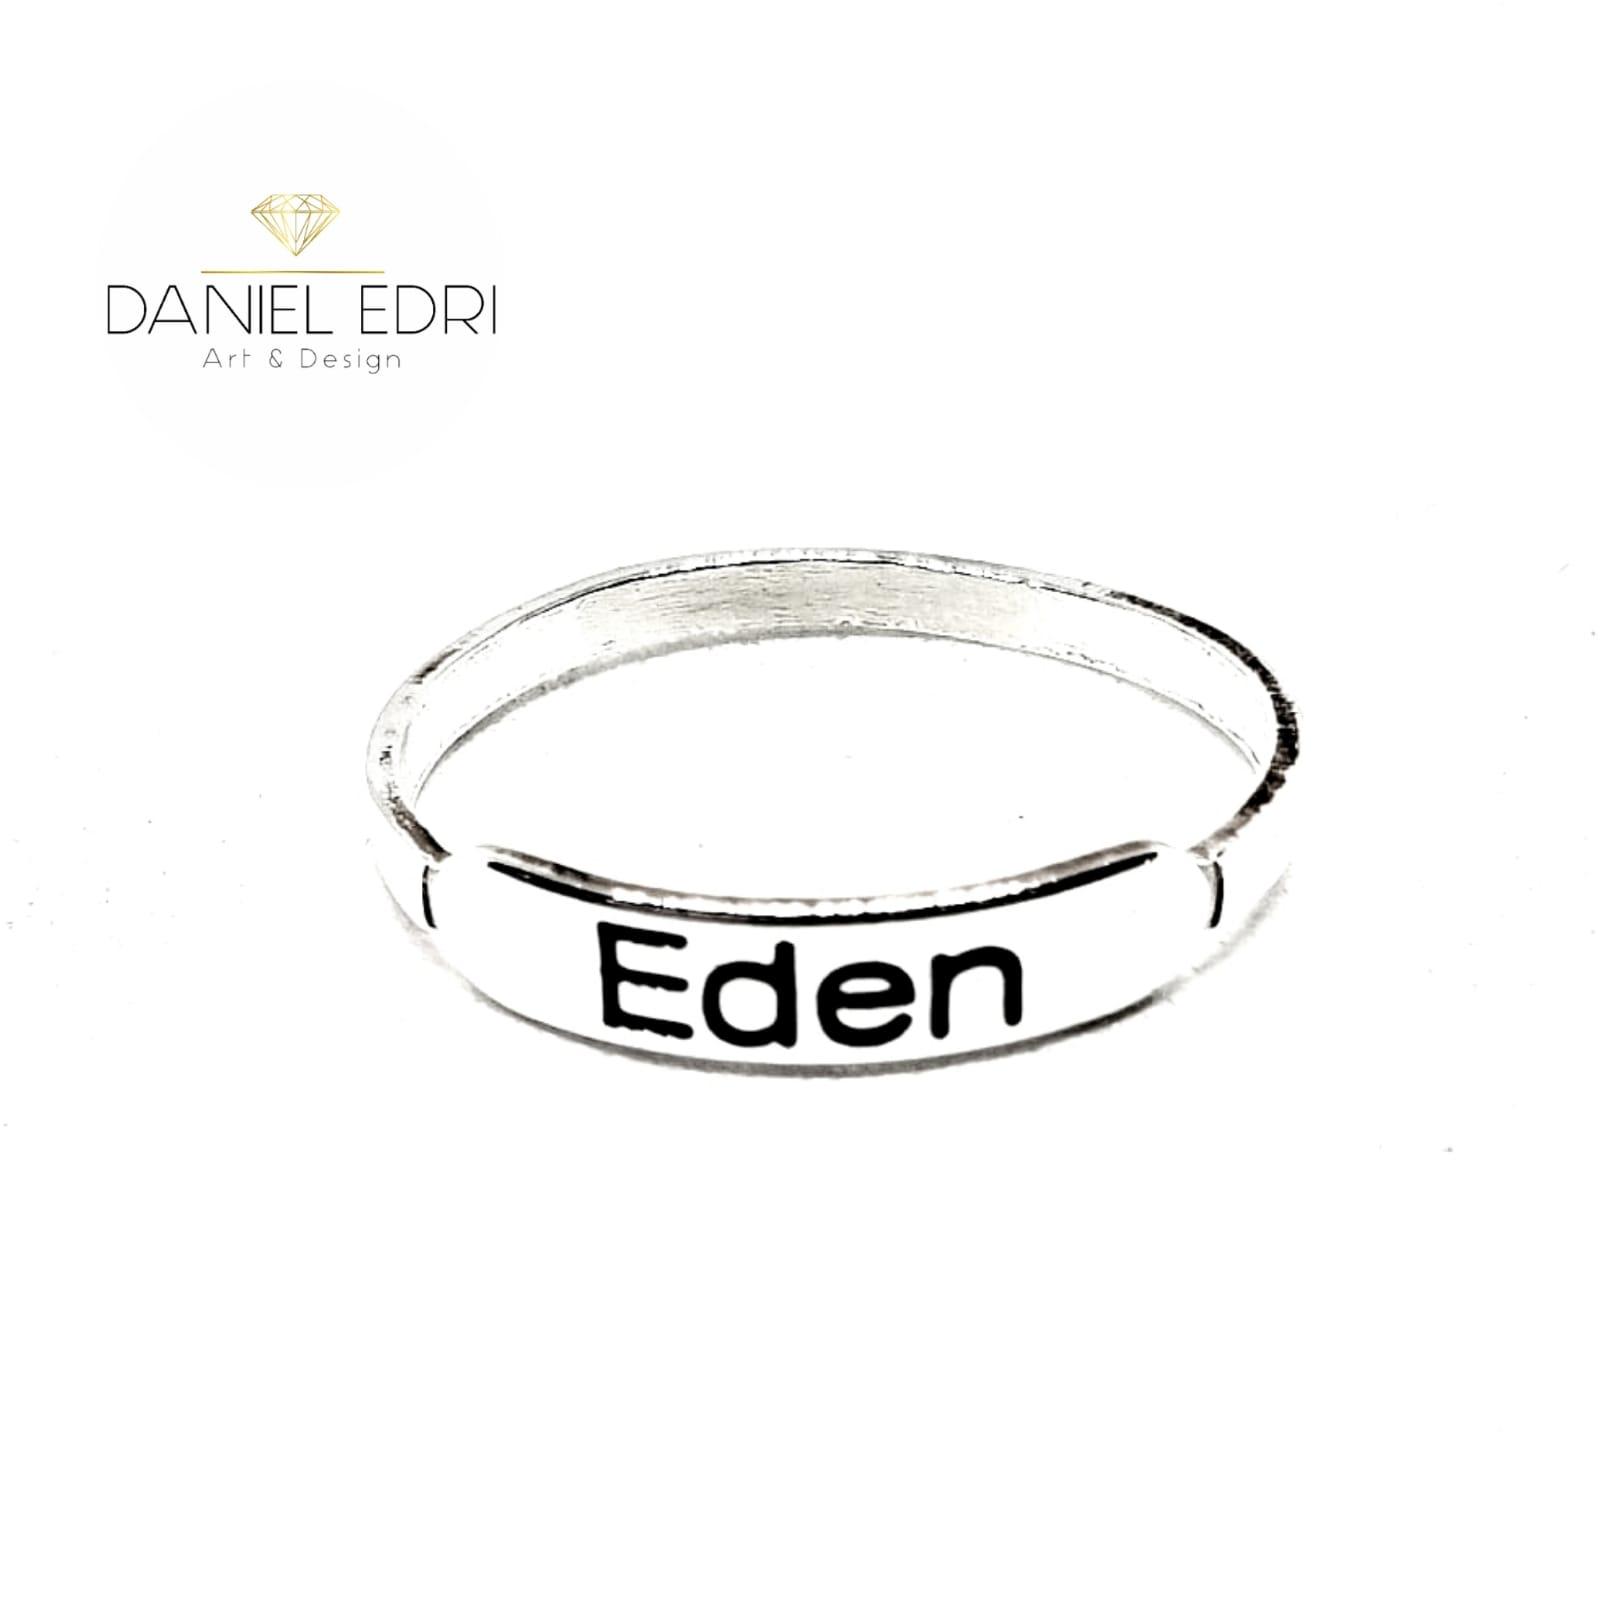 טבעת שם חריטה - כסף/גולדפילד